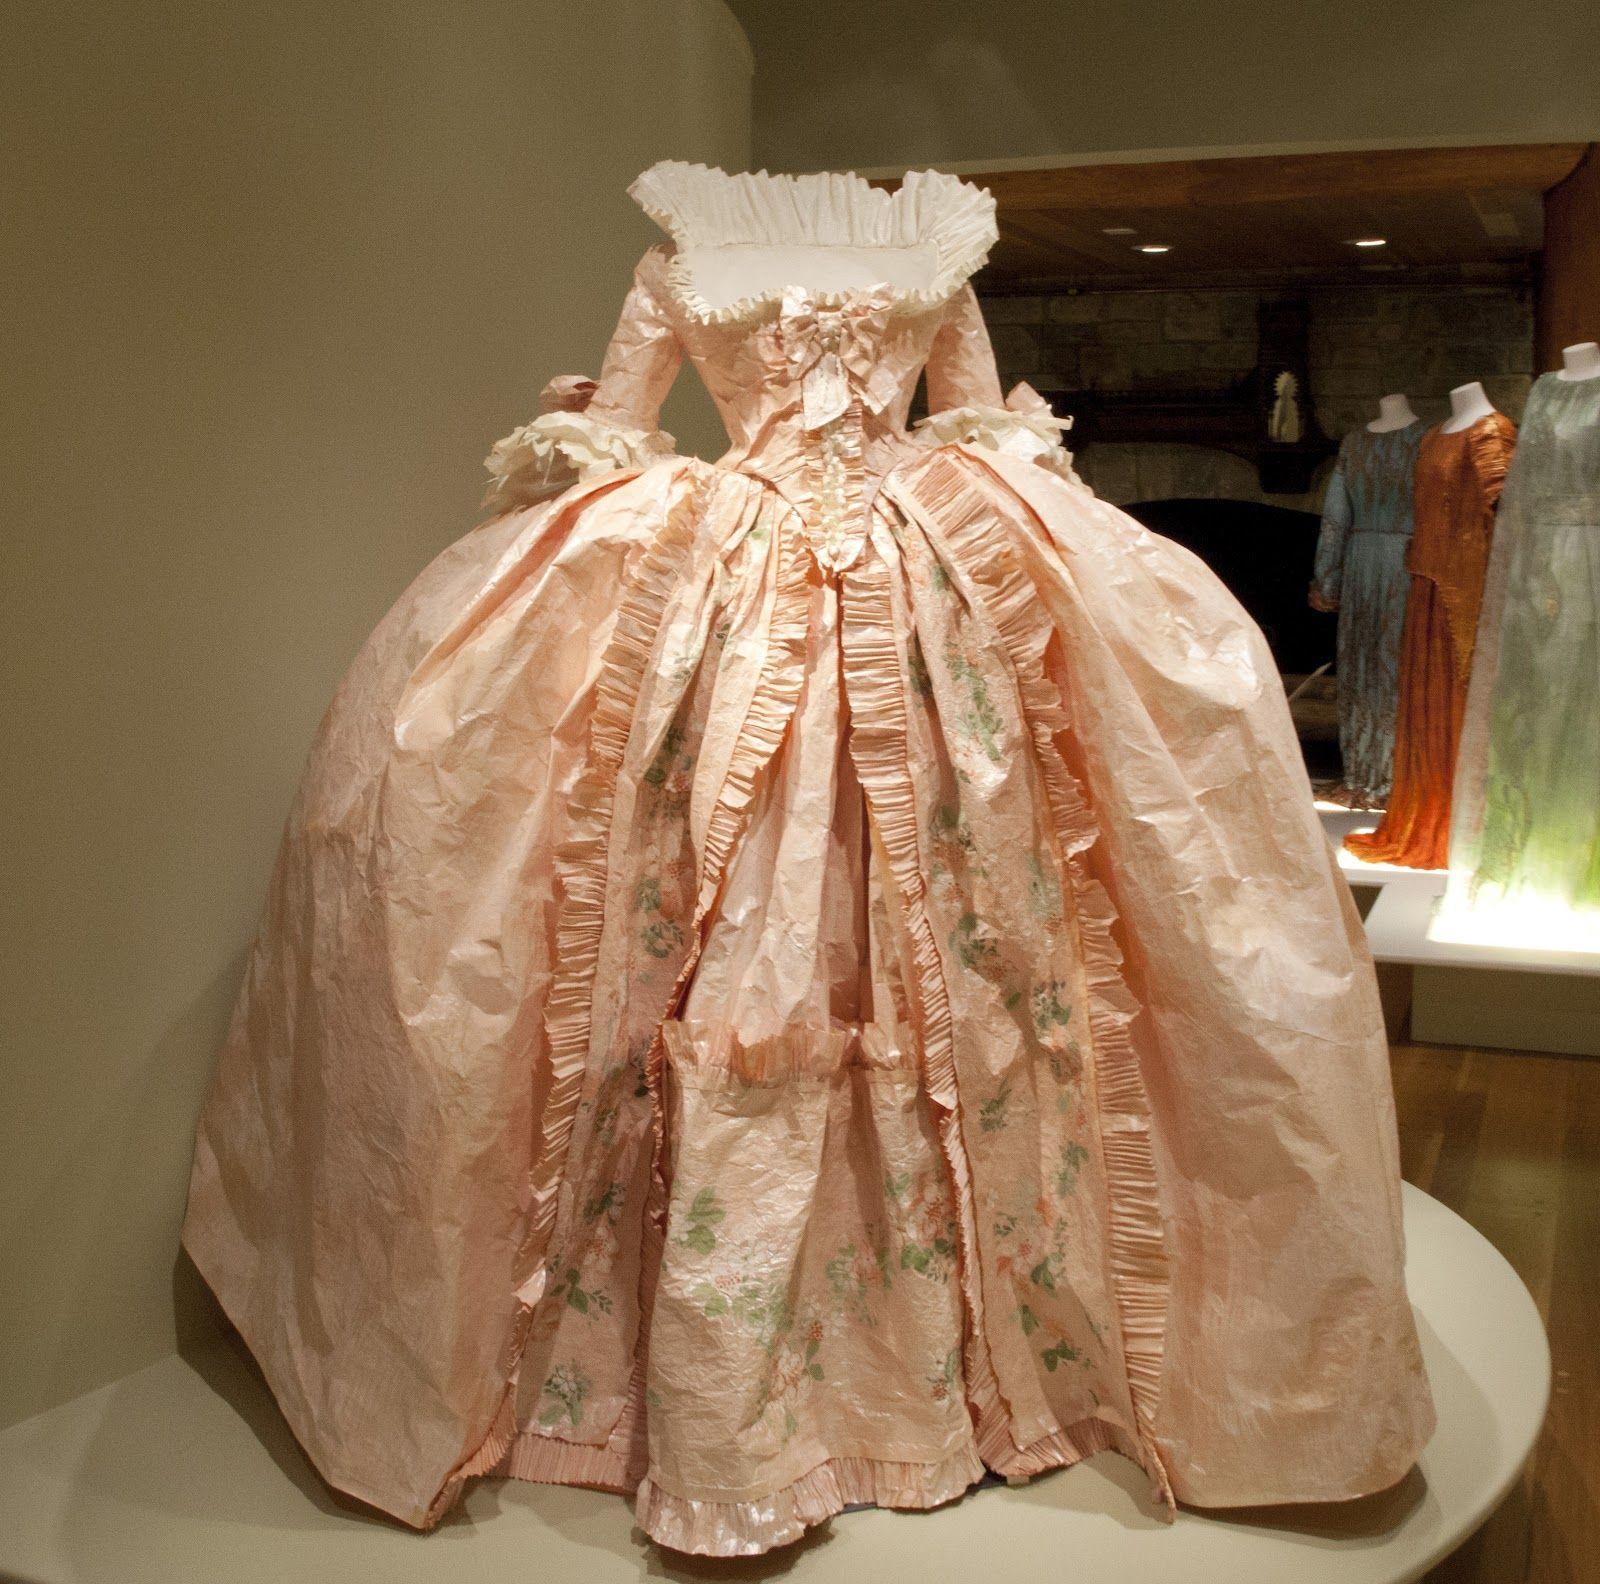 Prêt-à-Papier or Couture Paper: The Exquisite Art of Isabelle de ...